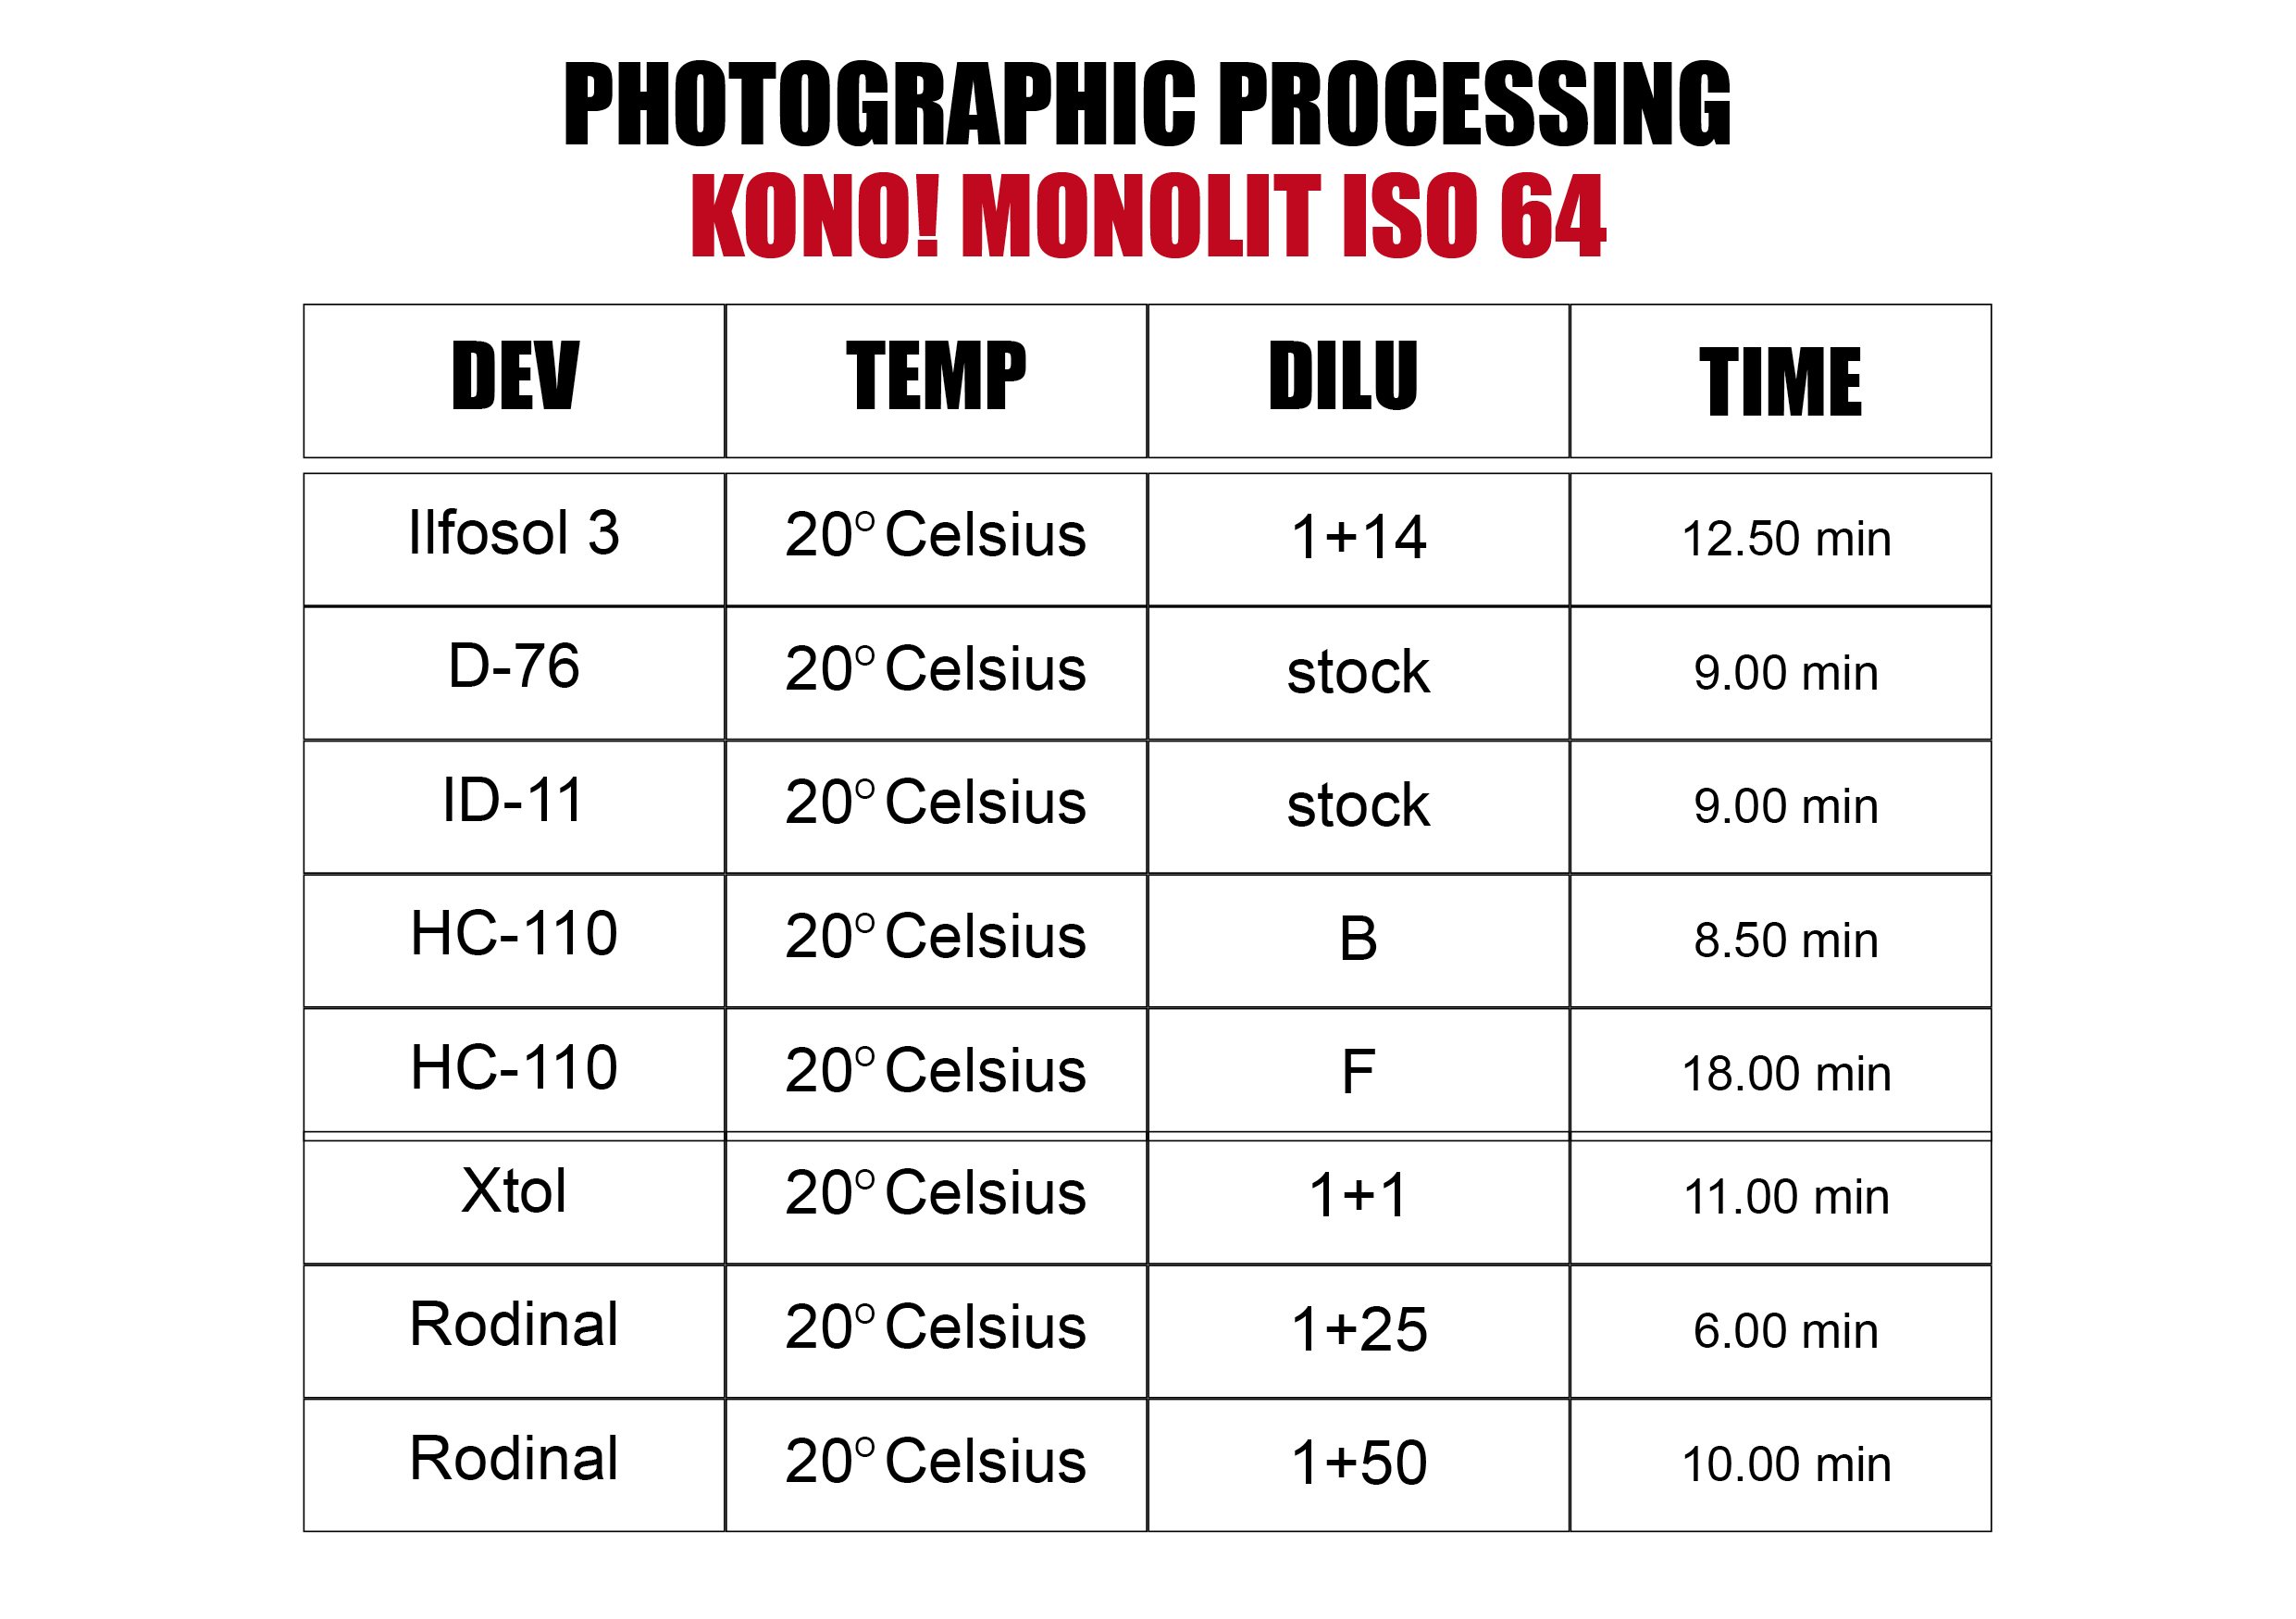 Monolit 14